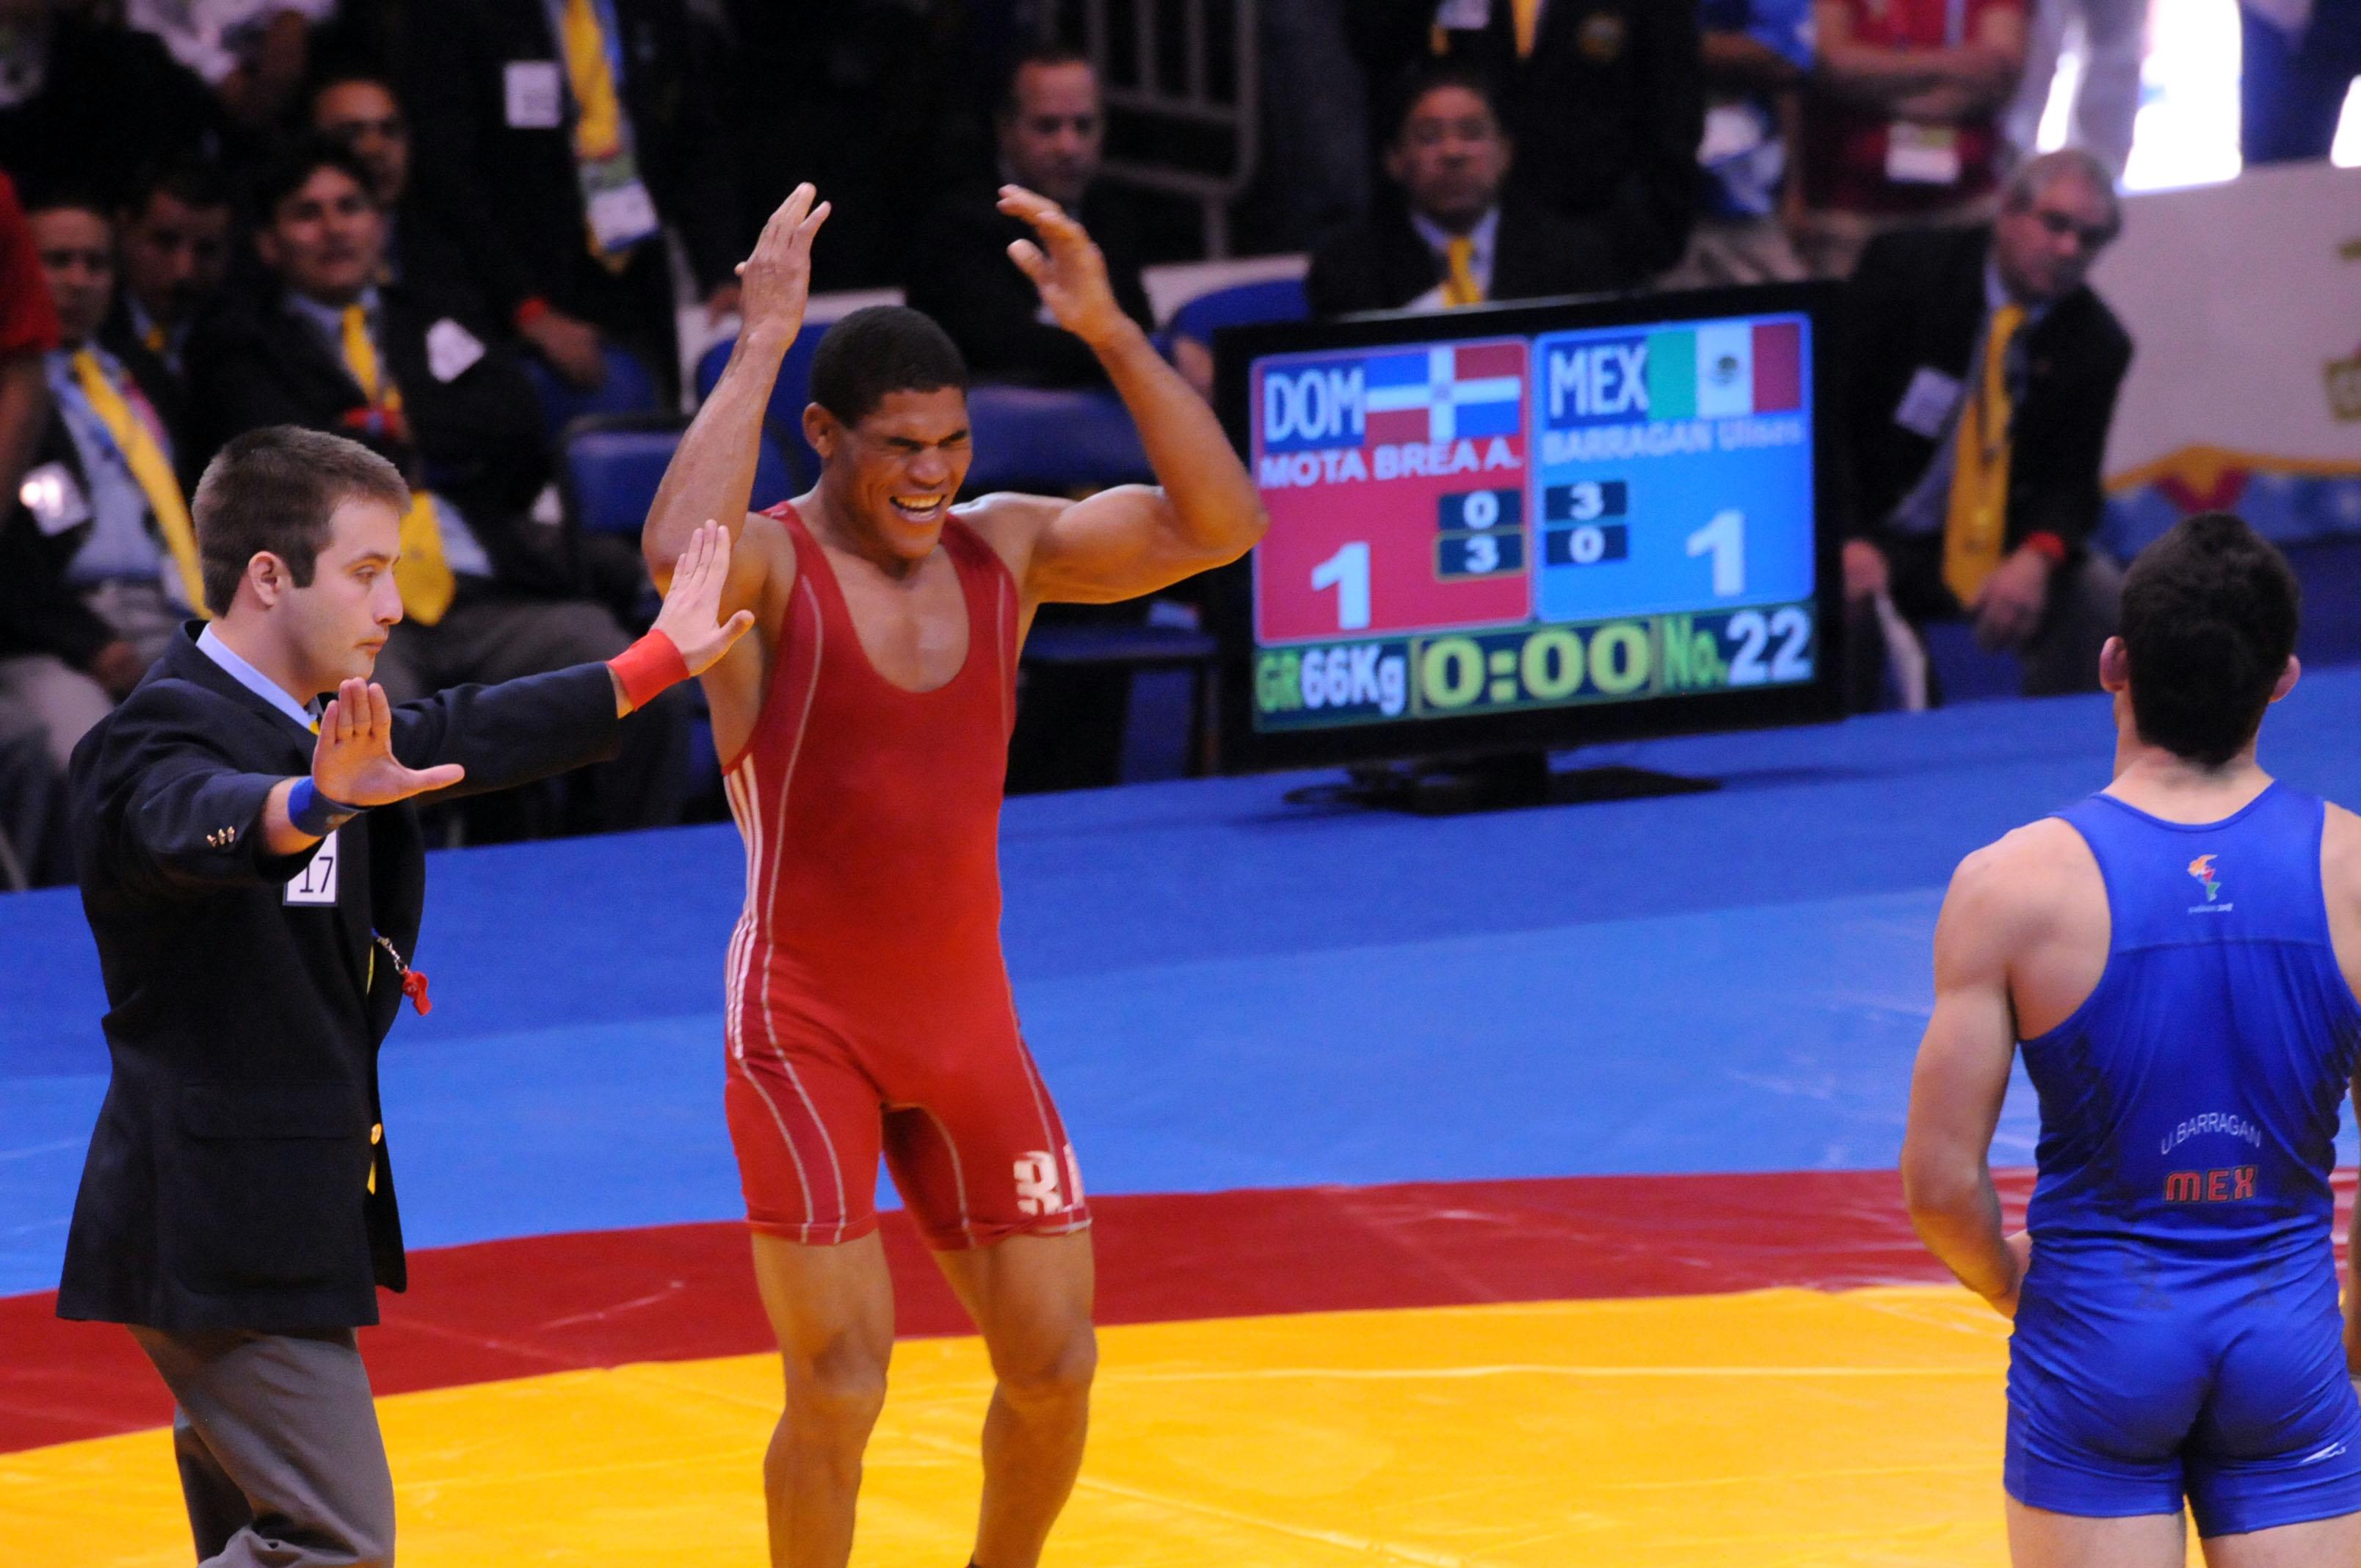 Brea se queda con plata; lucha suma cuatro medallas